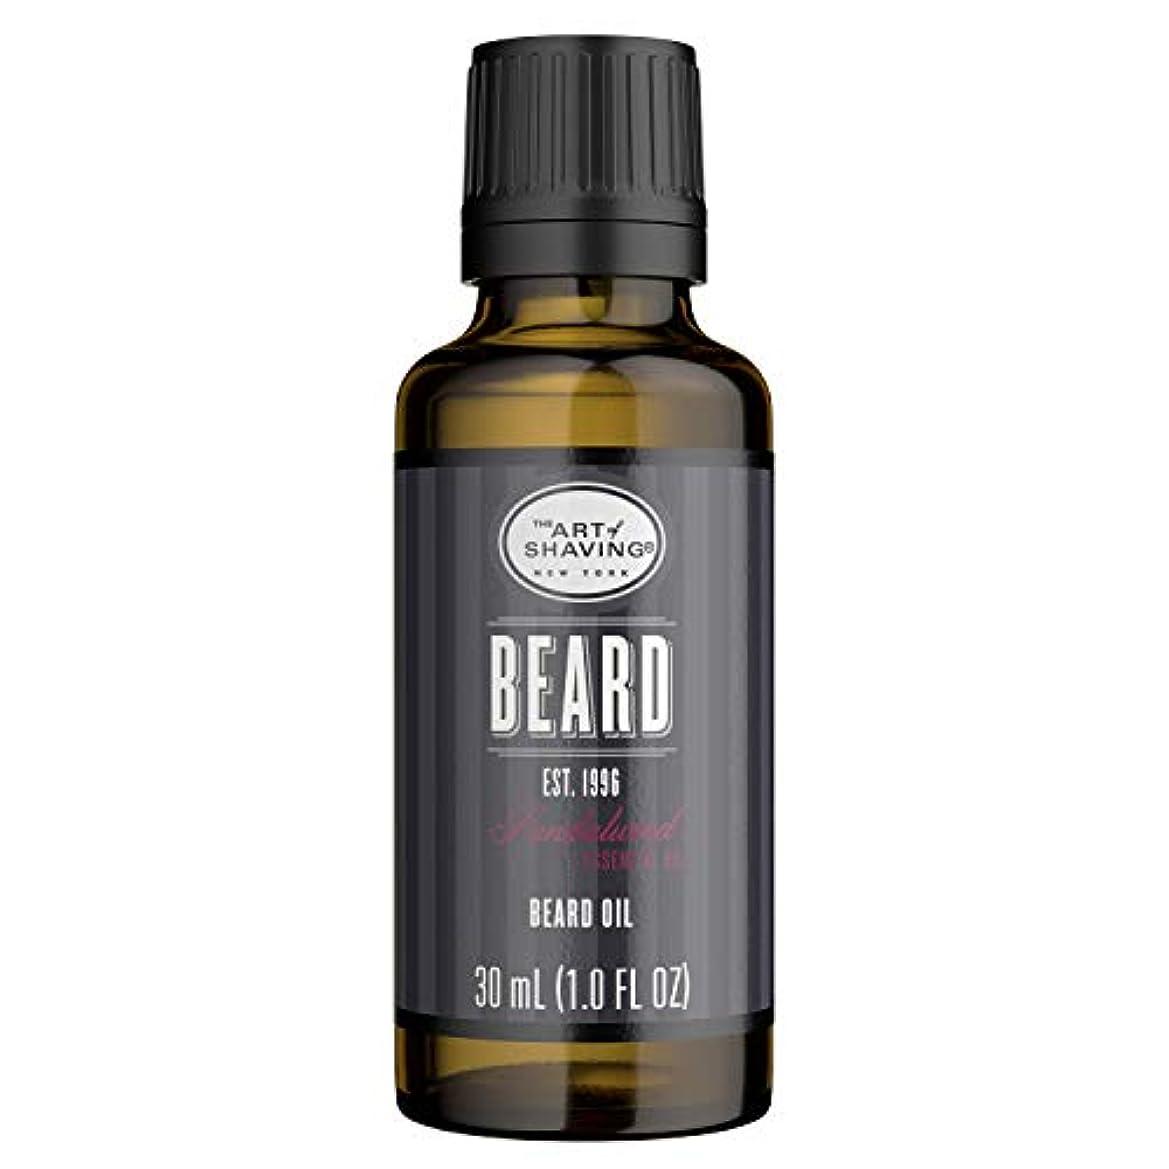 桃不当移植アートオブシェービング Beard Oil - Sandalwood Essential Oil 30ml/1oz並行輸入品